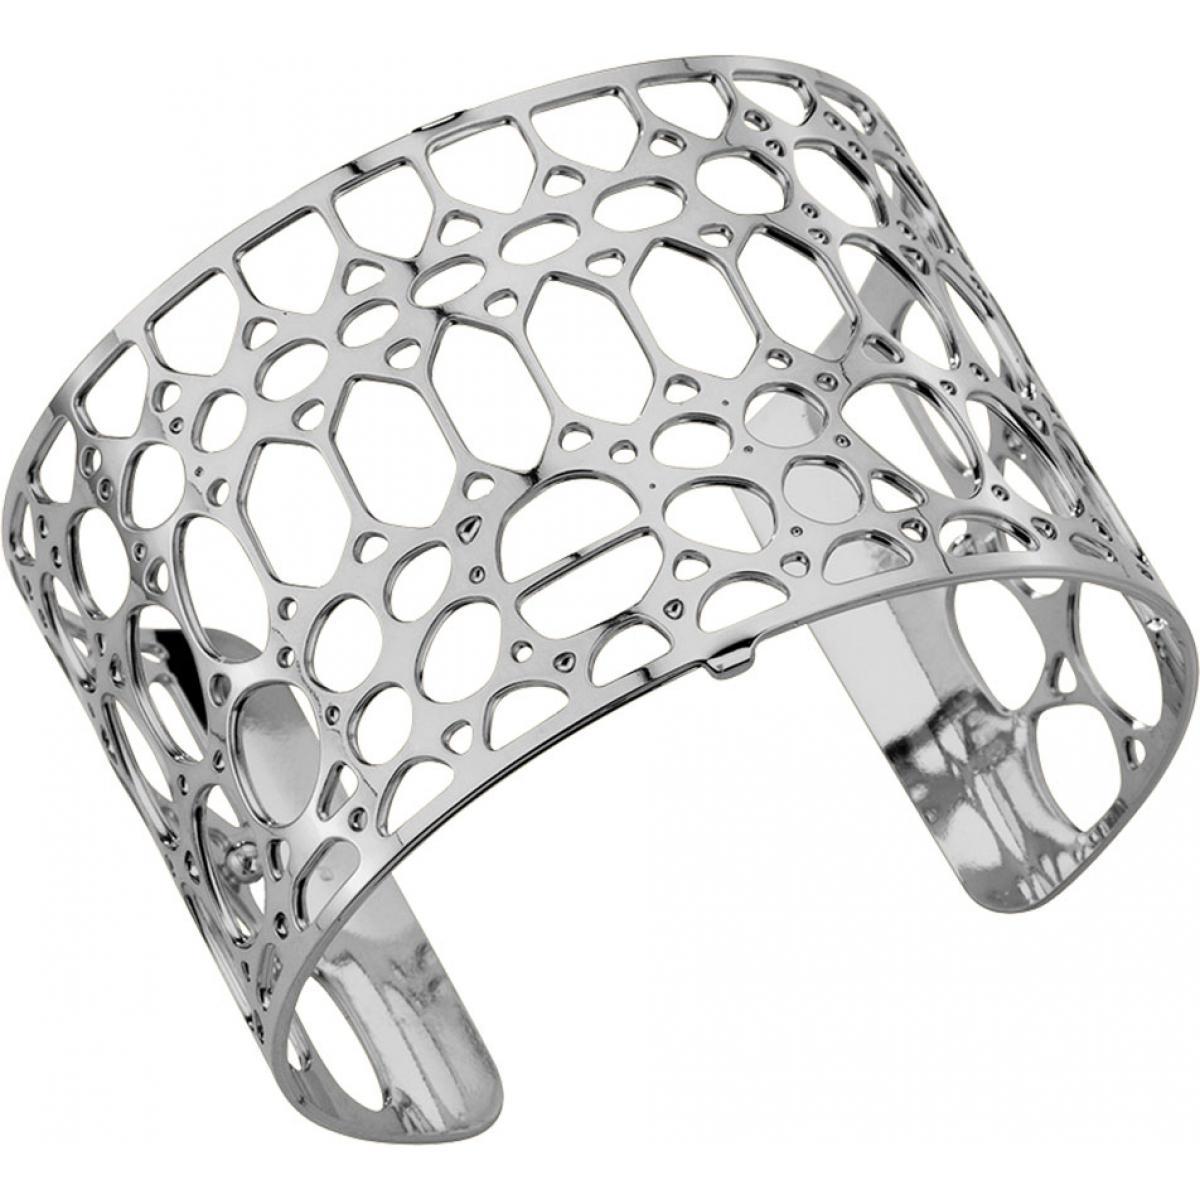 Bracelet Crocodile Les Georgettes 70196581600 - Bracelet Manchette Argent Taille Large Femme